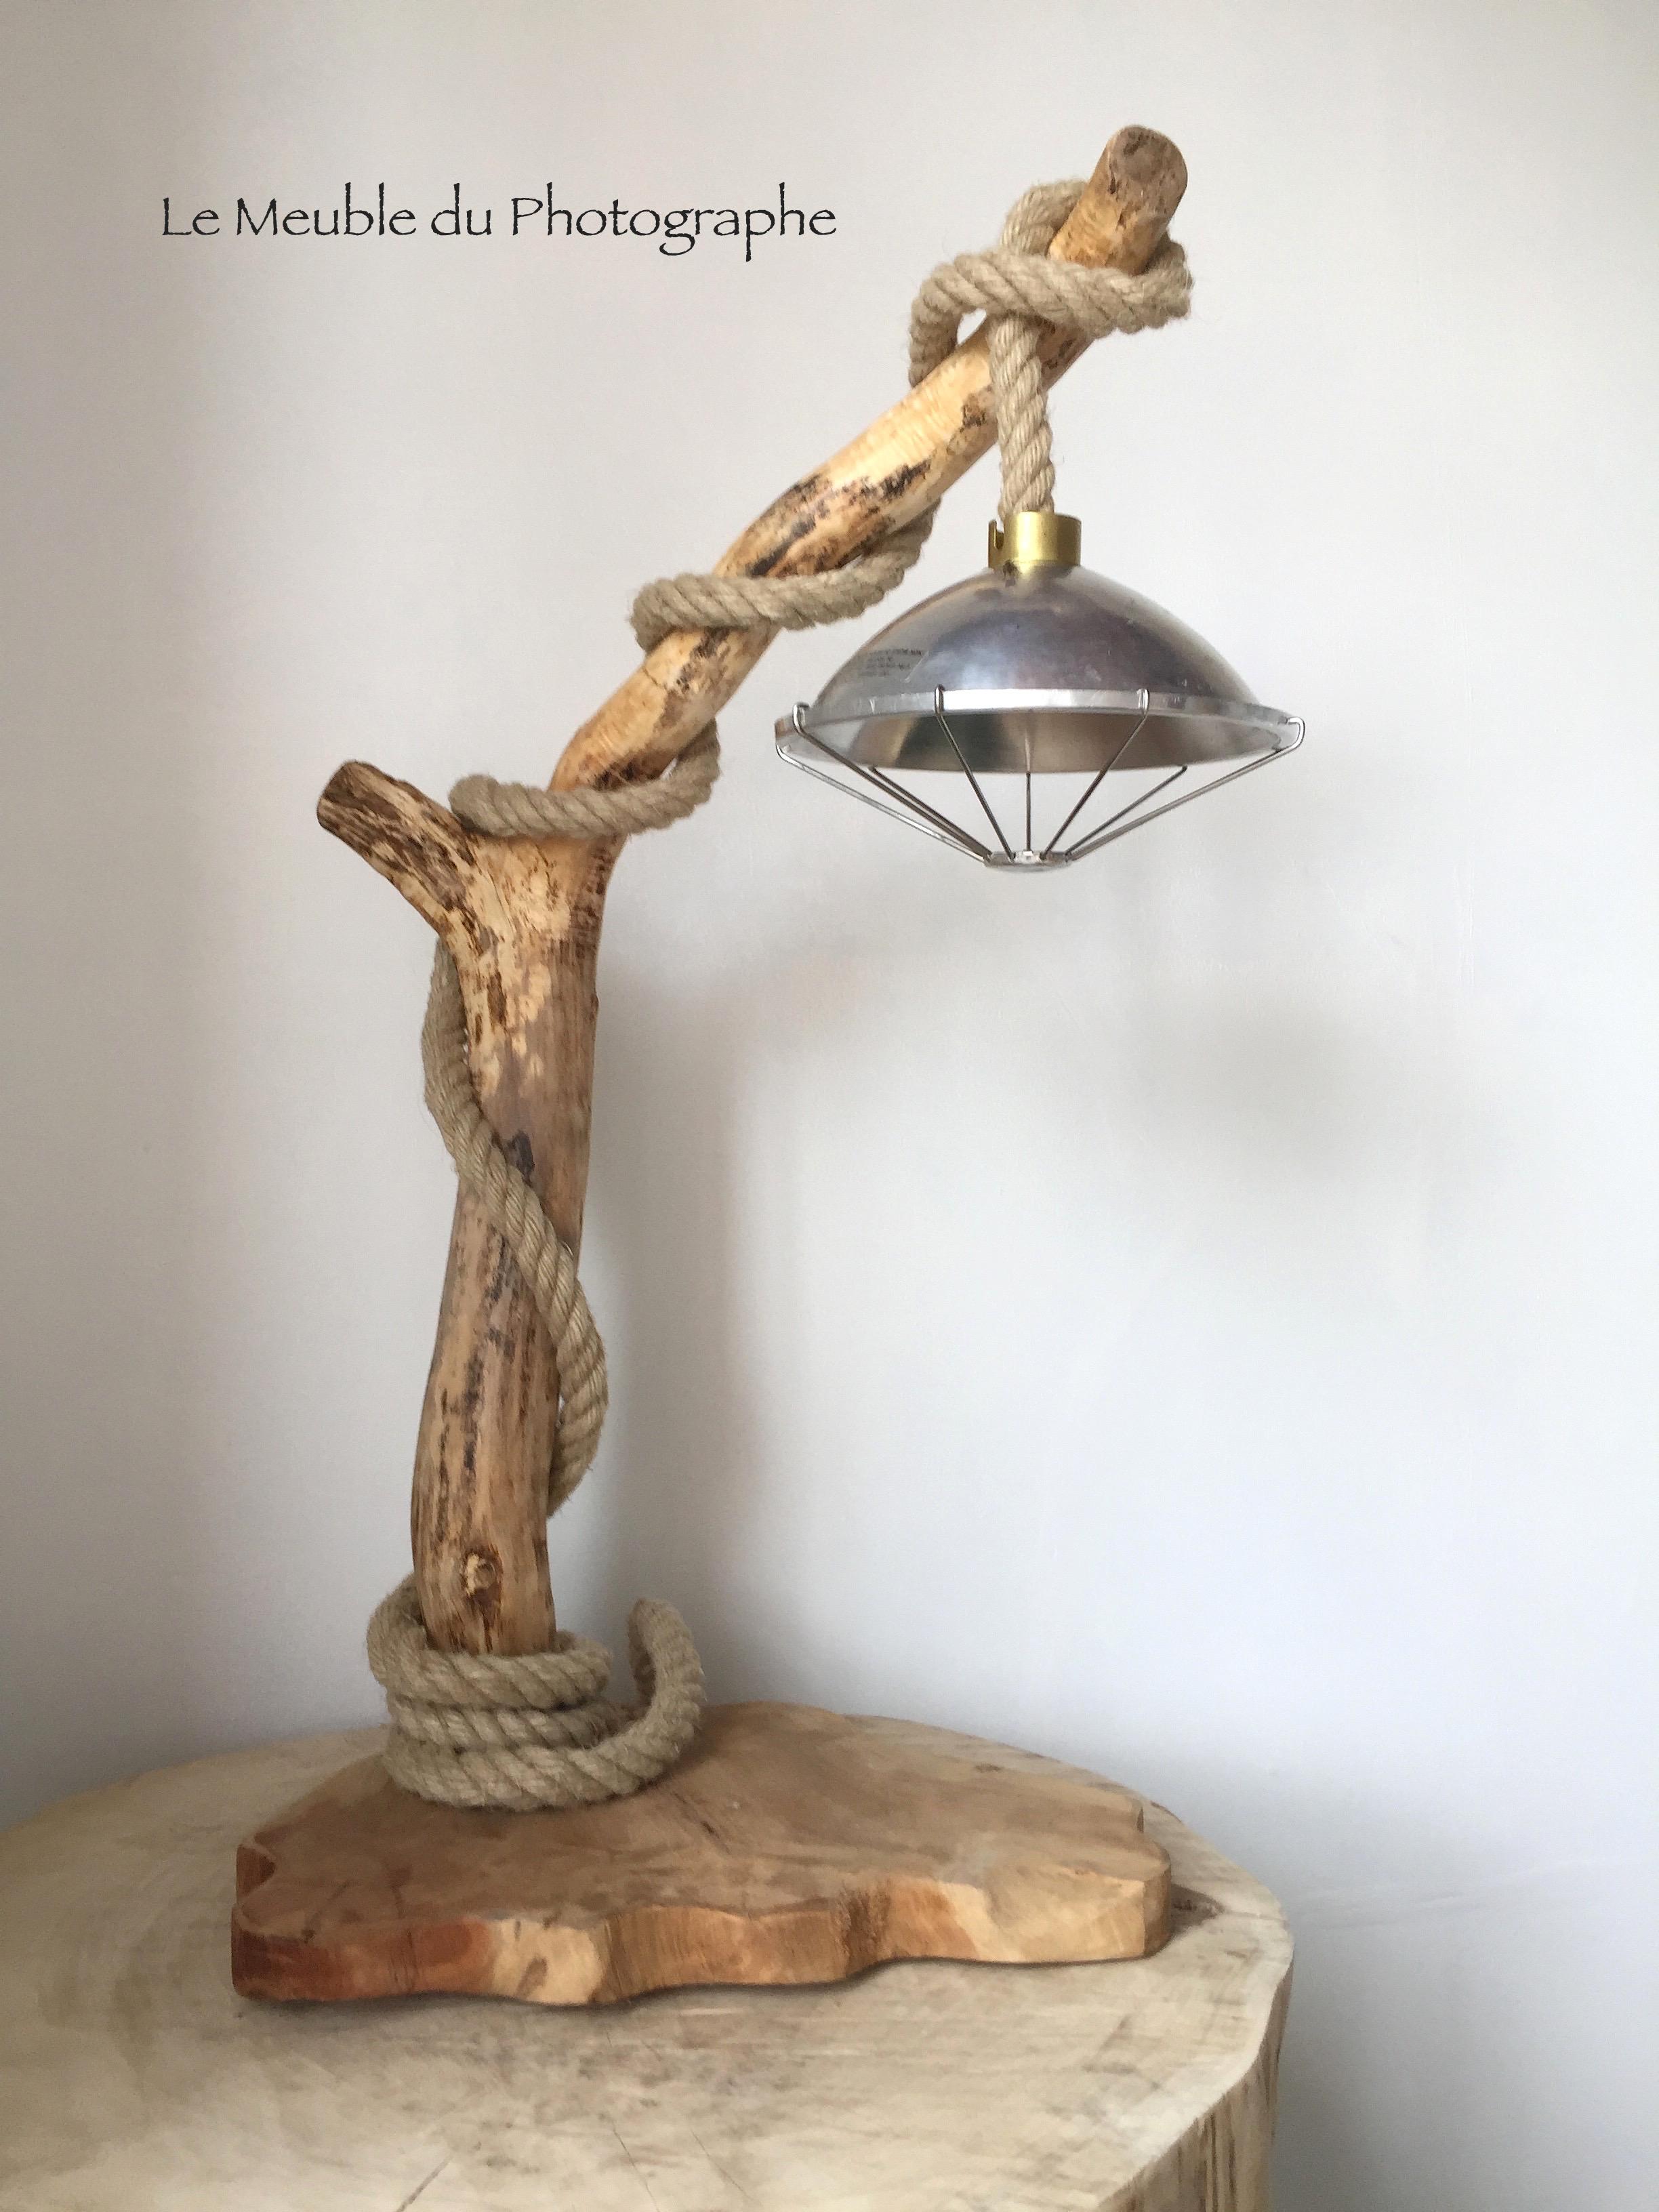 Grande Lampe A Poser En Bois Flotte 80cm Le Meuble Du Photographe